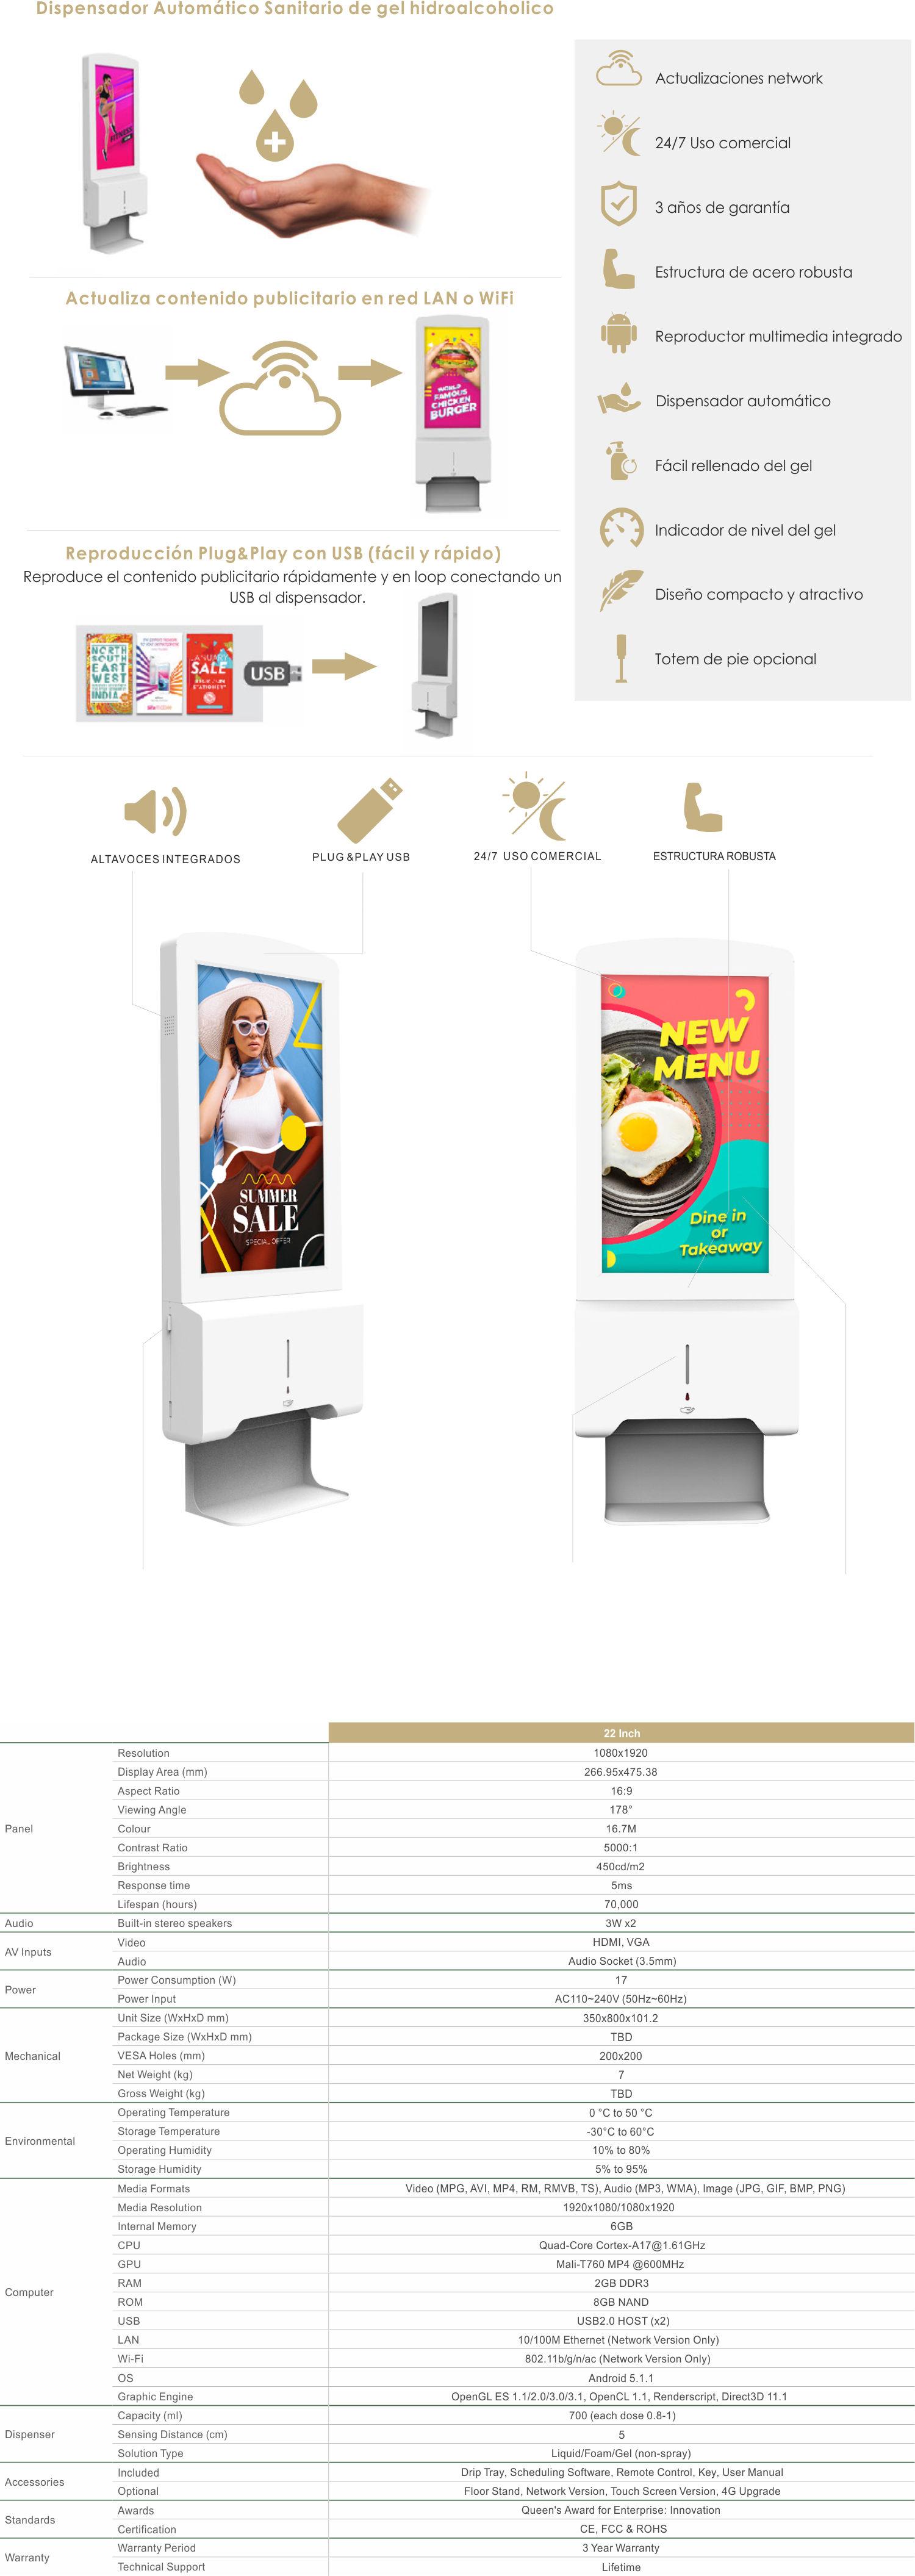 Dispensador de gel hidroalcoholico con pantalla publicitaria